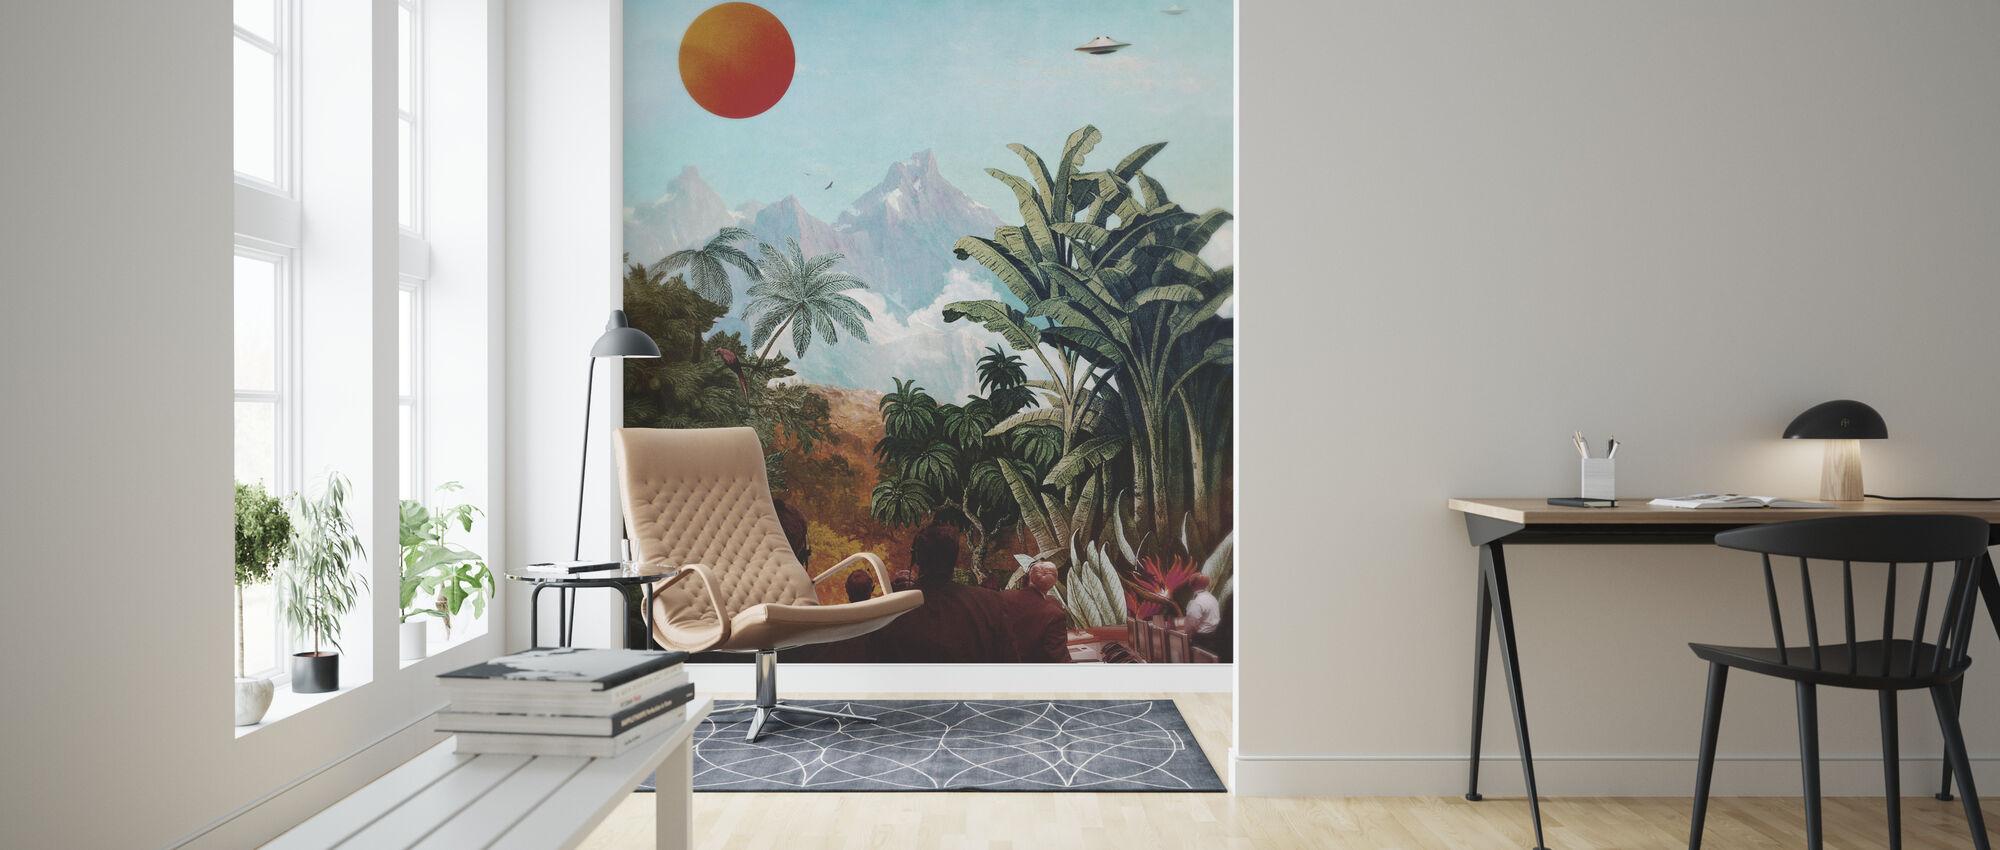 Seti - Wallpaper - Living Room